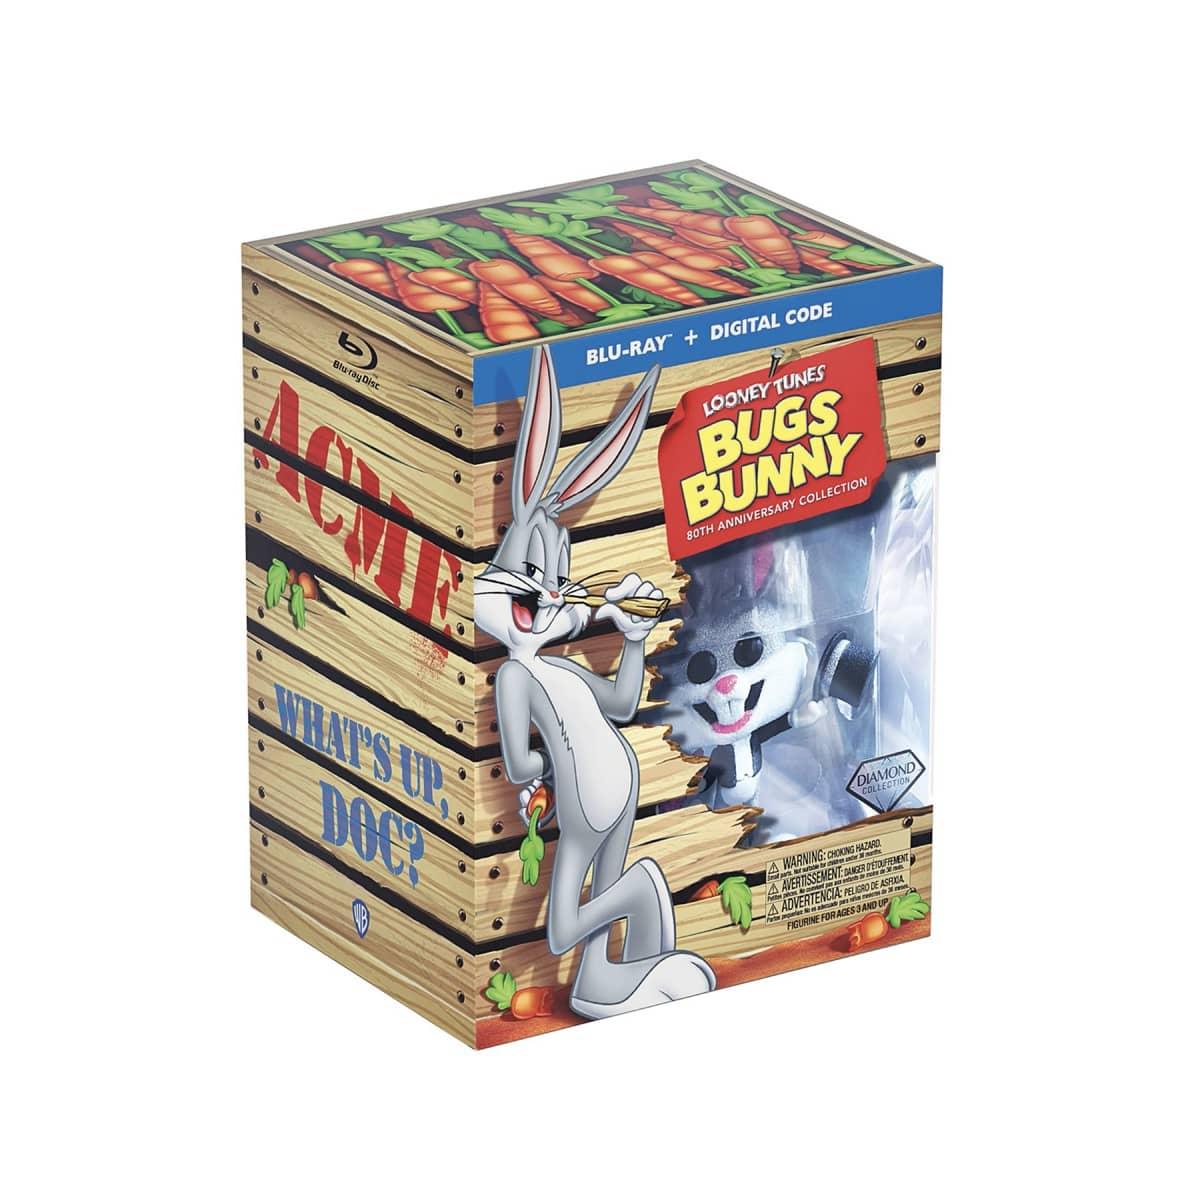 Bugs Box Art 2